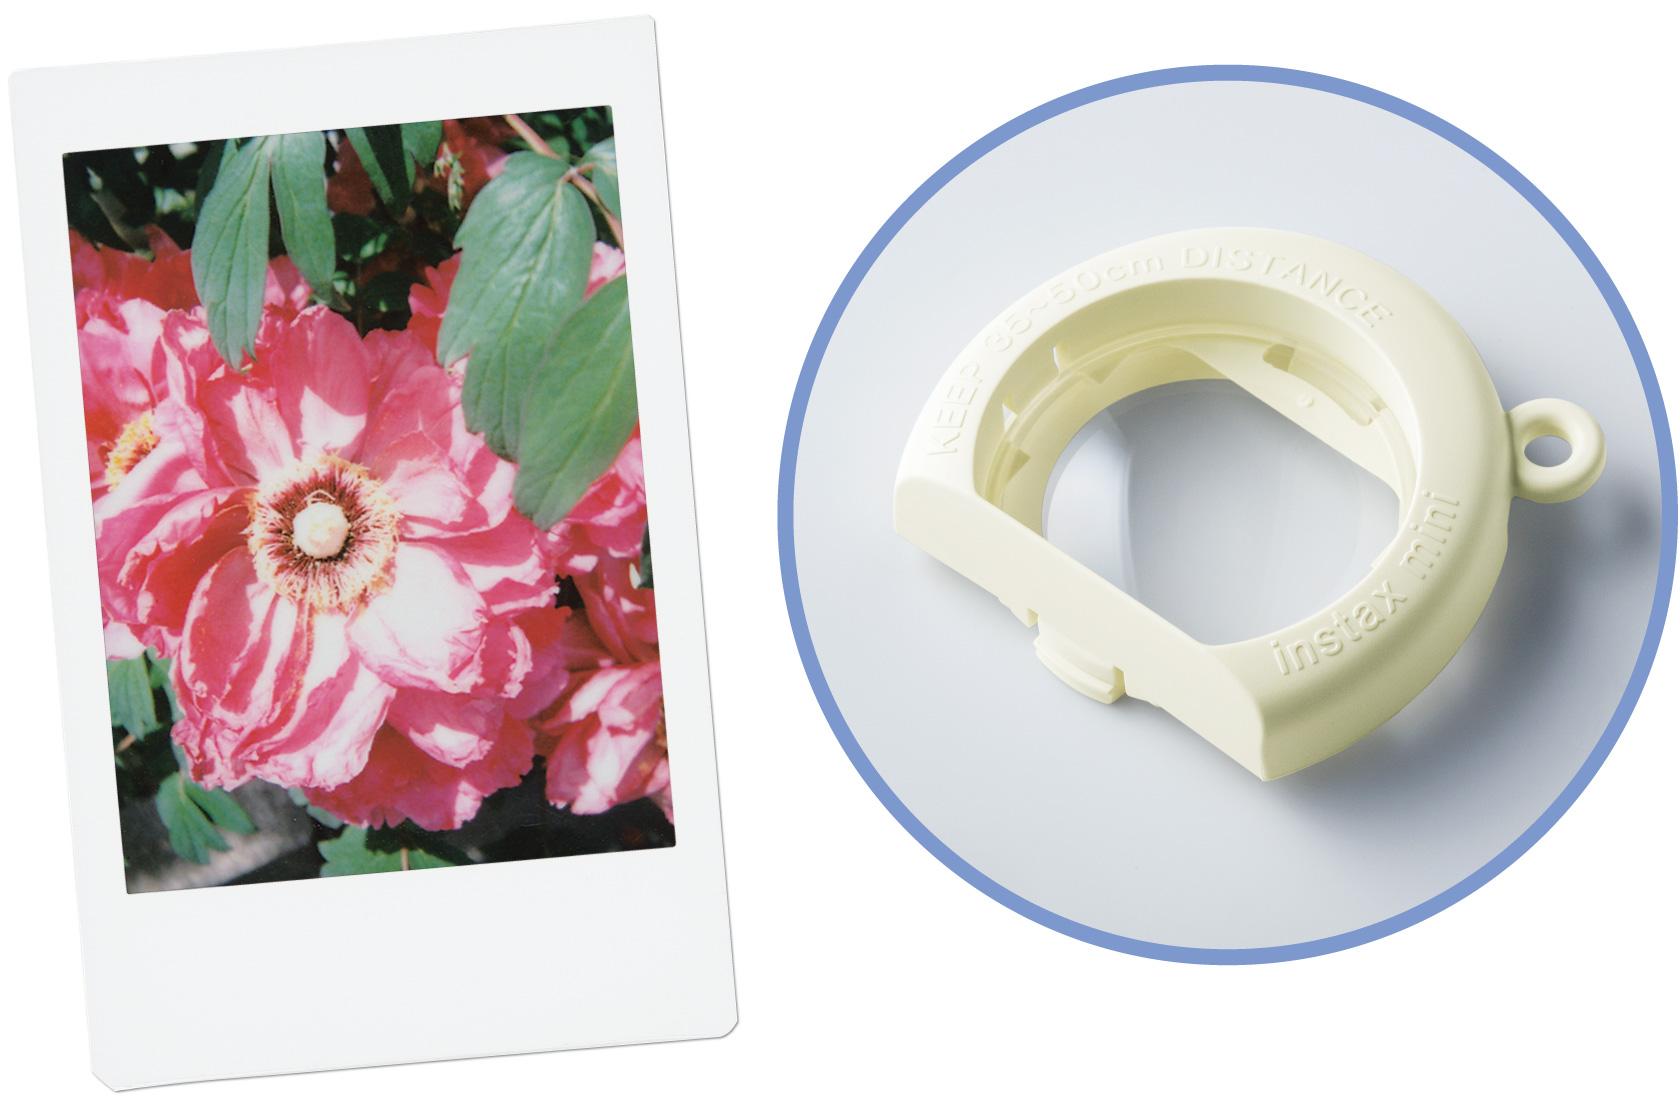 Imagem do acoplamento da lente de aproximação e imagem de uma flor rosa